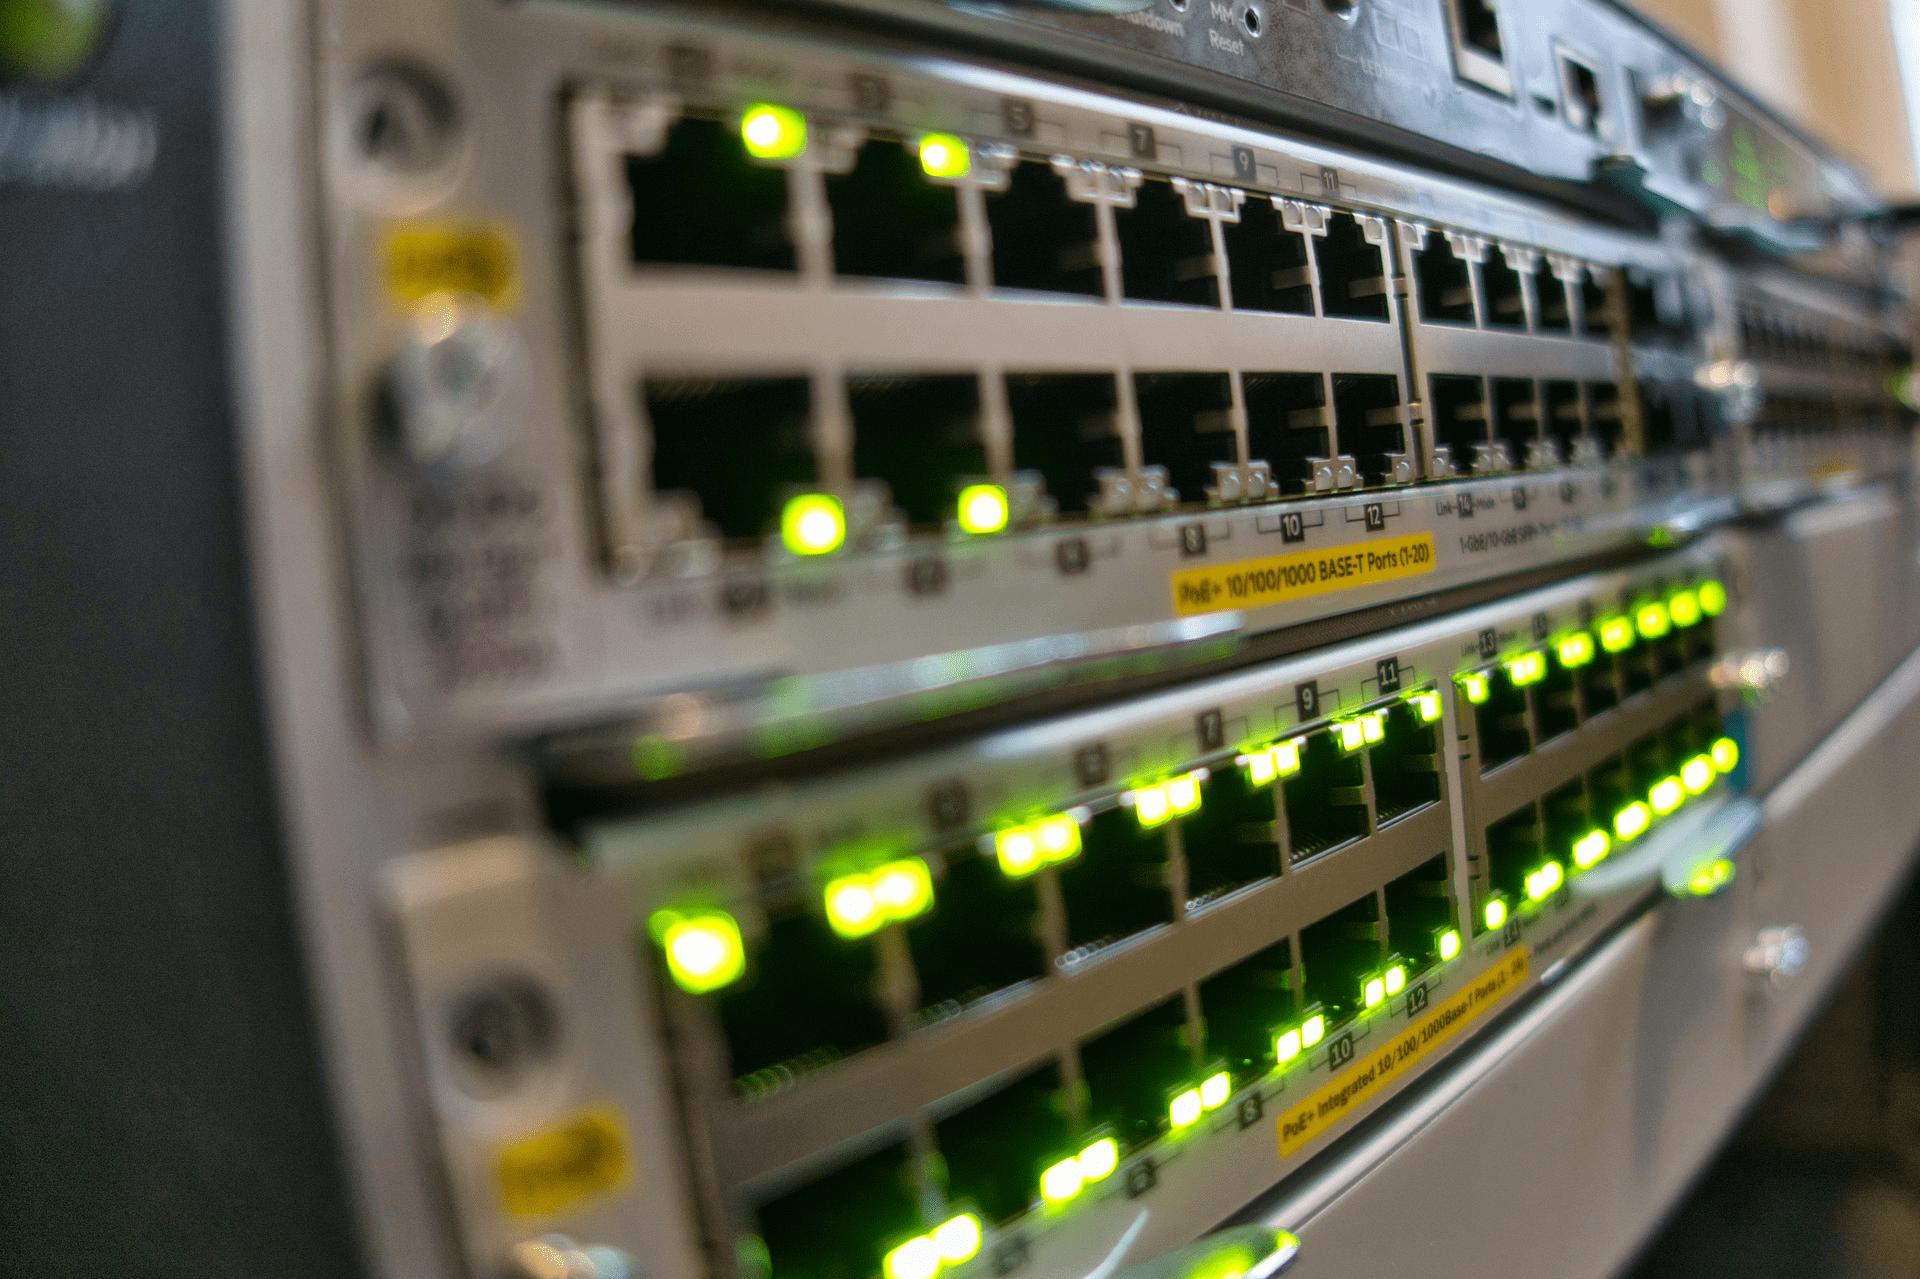 Datasikkerhed Fyn